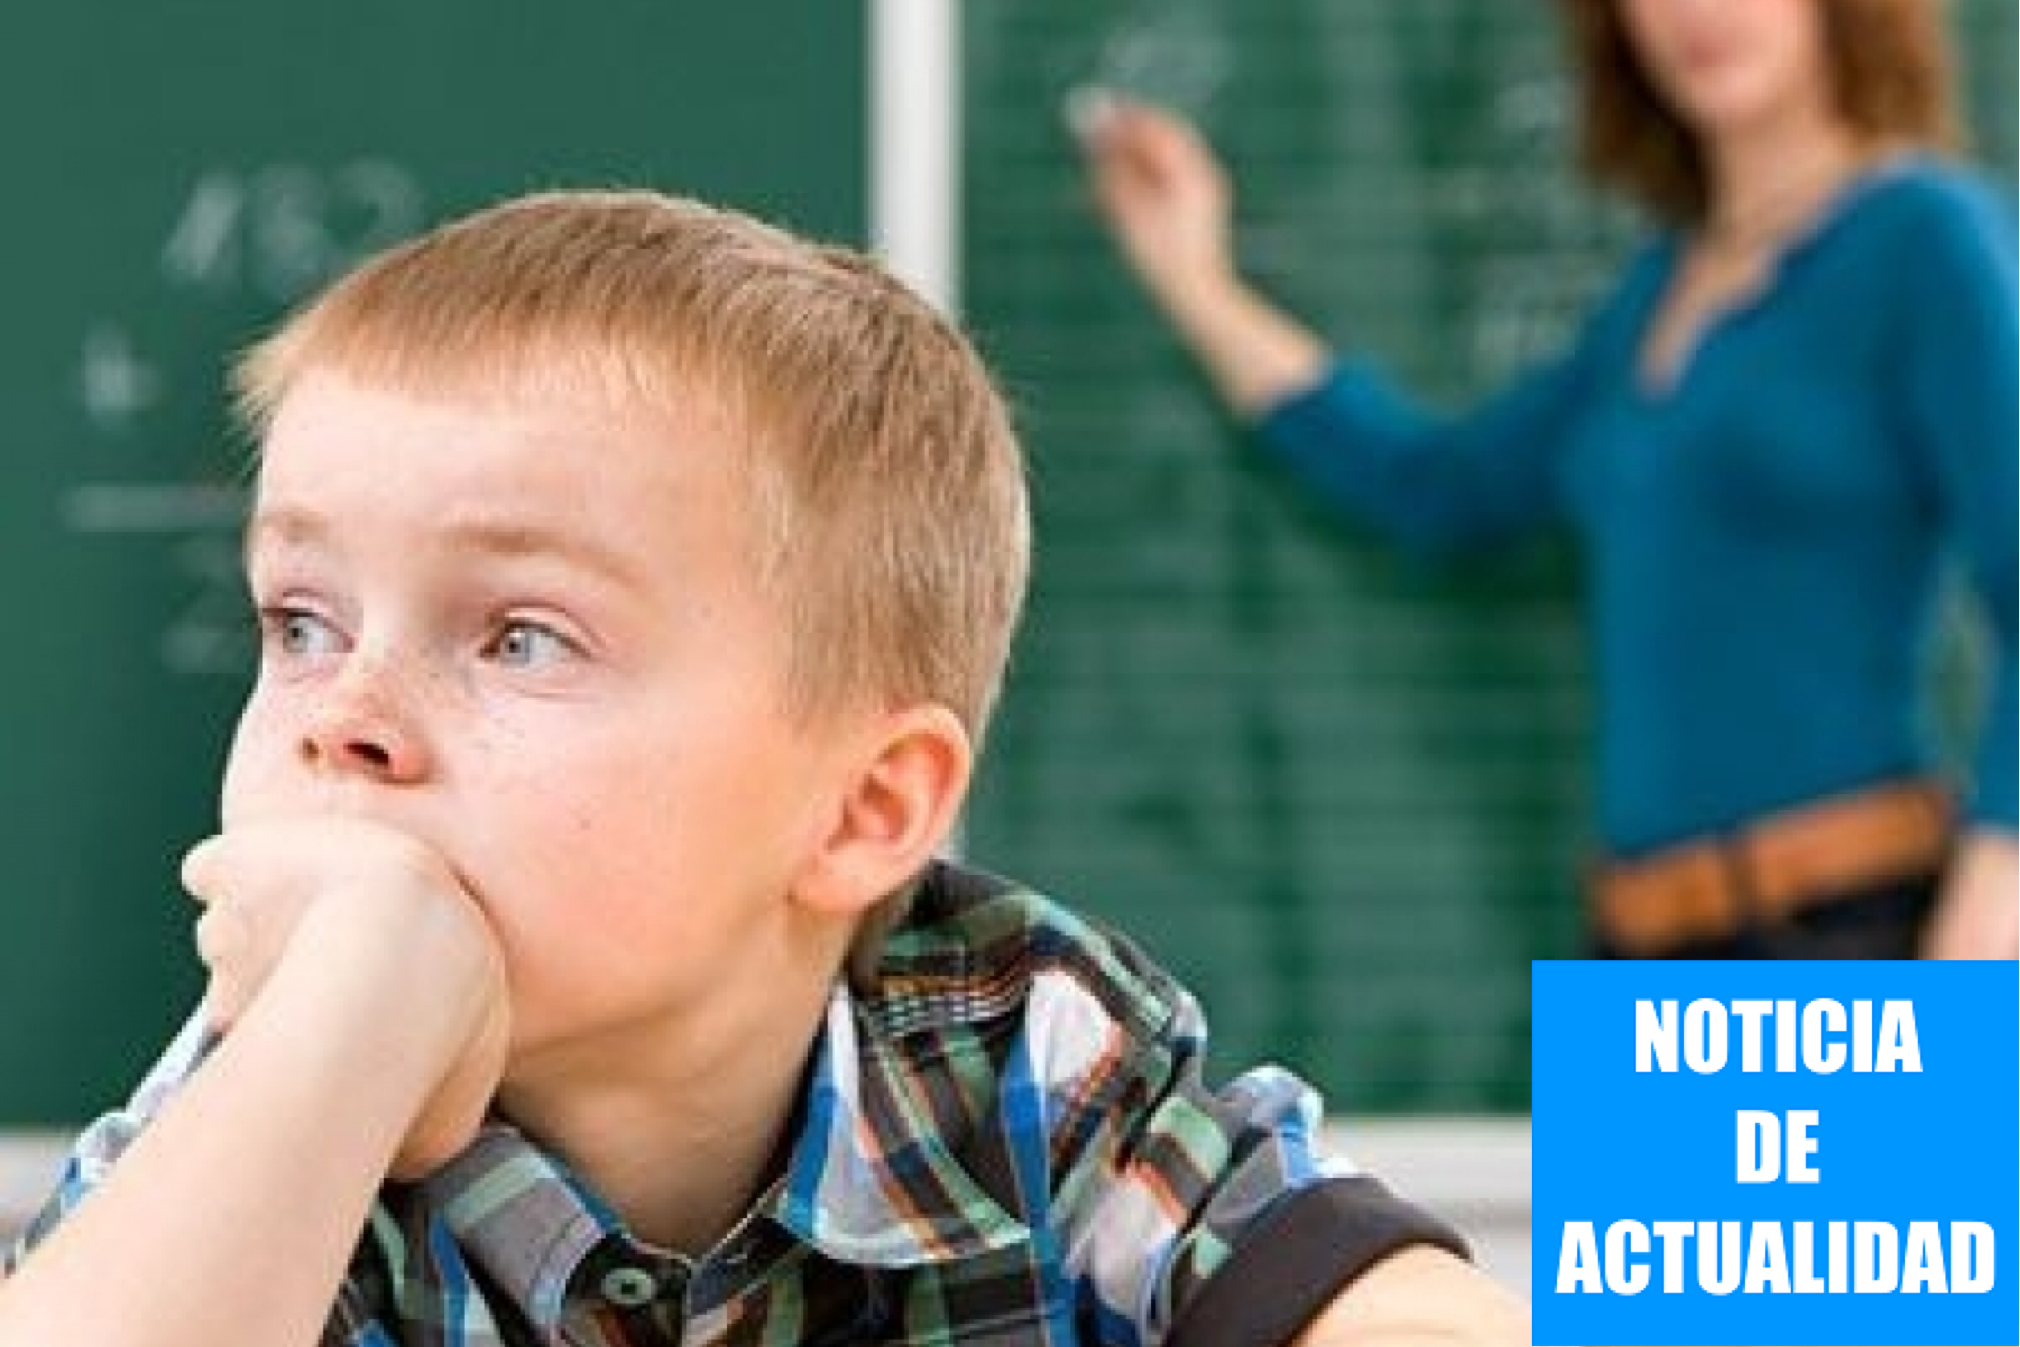 El TDA-H condiciona el sueño, la actividad y la conducta de los niños